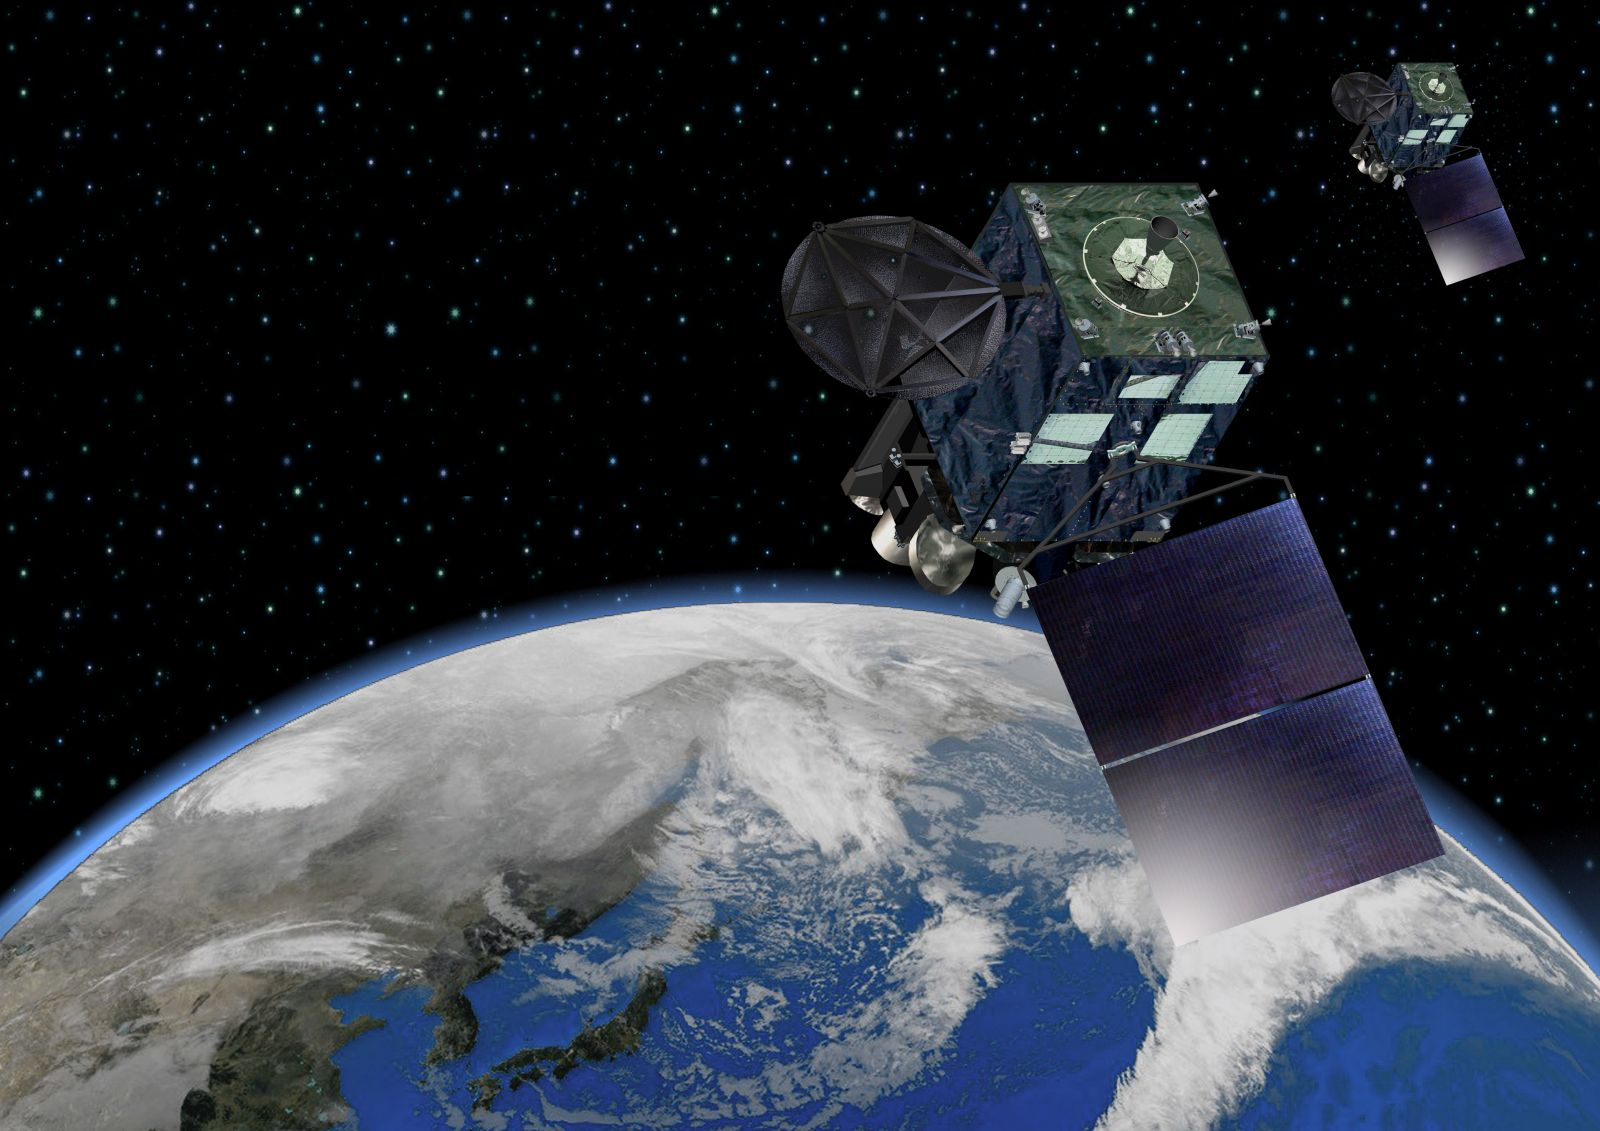 Image d'illustration pour Des satellites météo toujours plus performants - lancement d'Himawari-8 au Japon